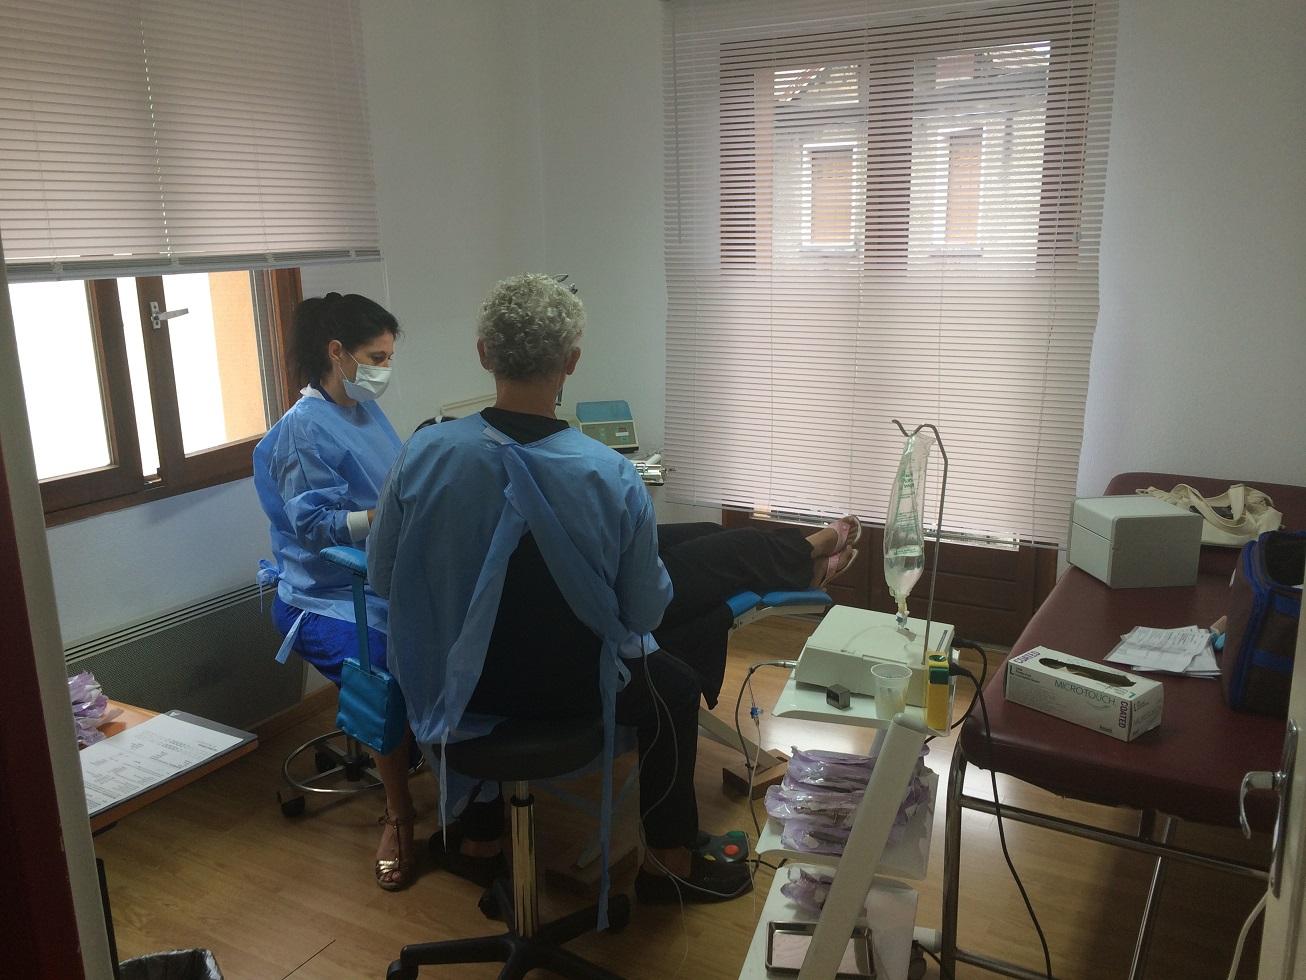 Restos-Cluses-nouvelle-salle-de-soins-septembre-2014-1